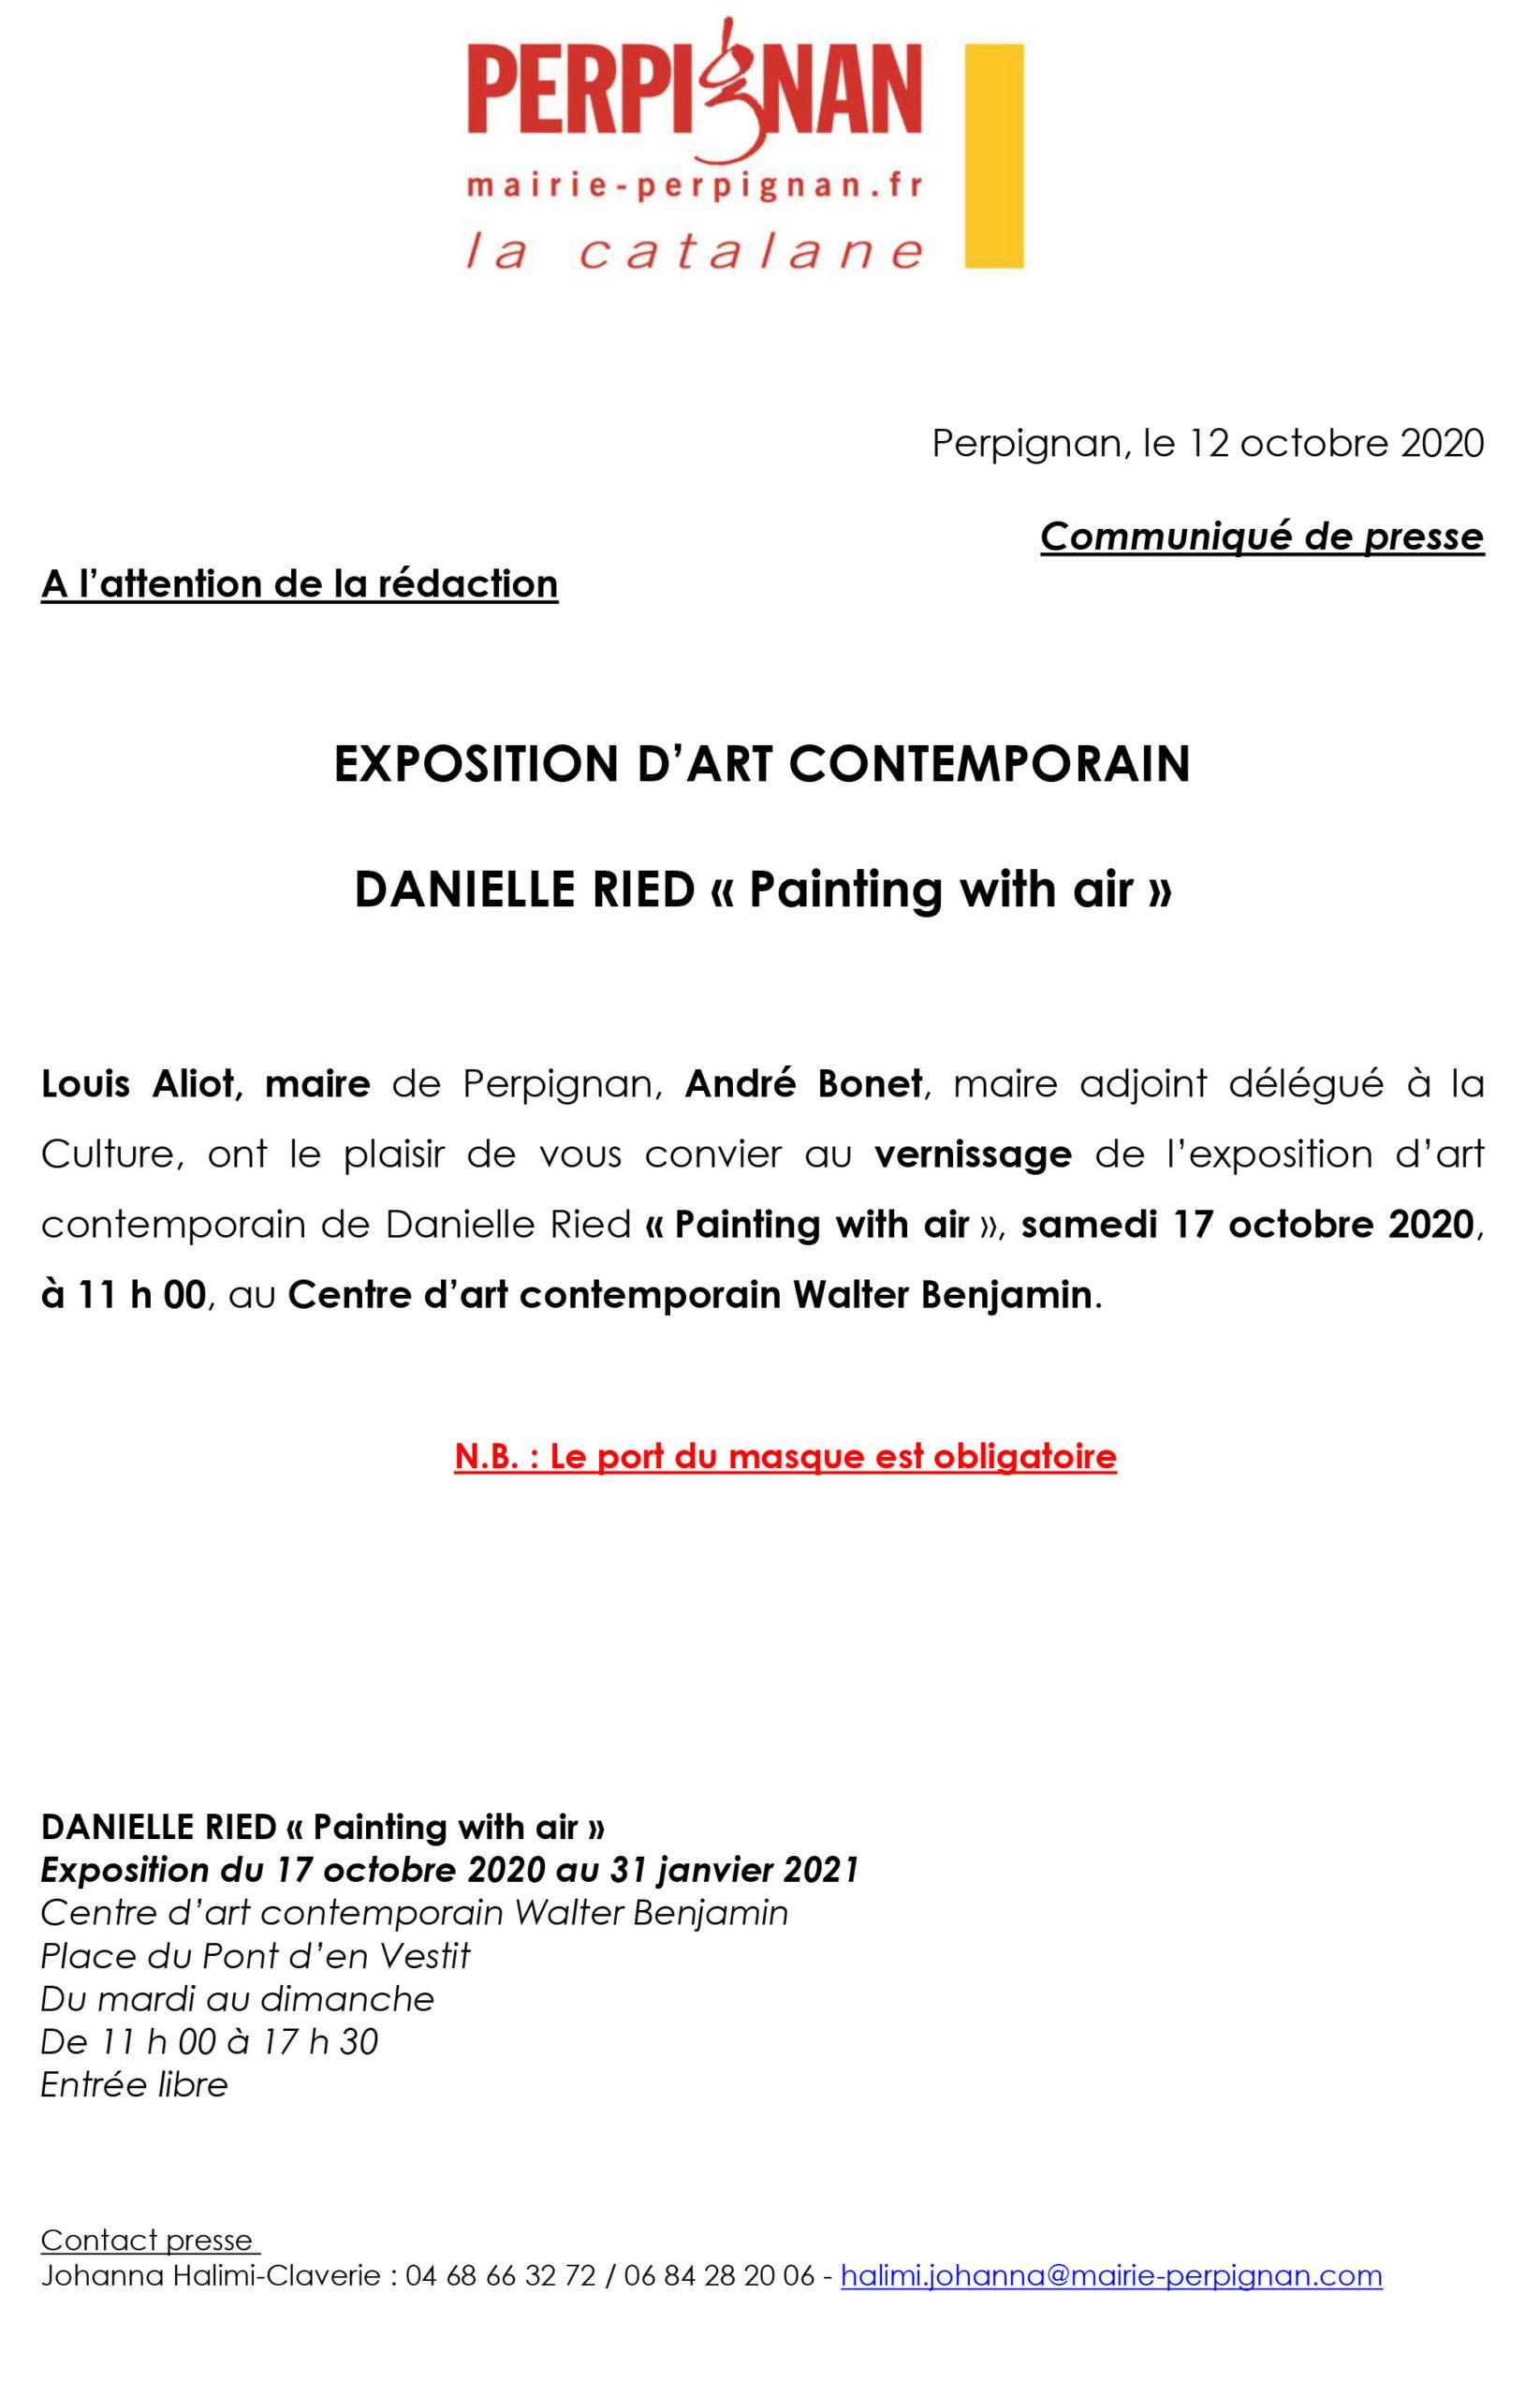 Exposition Danielle Ried Centre d'art contemporain – PERPIGNAN